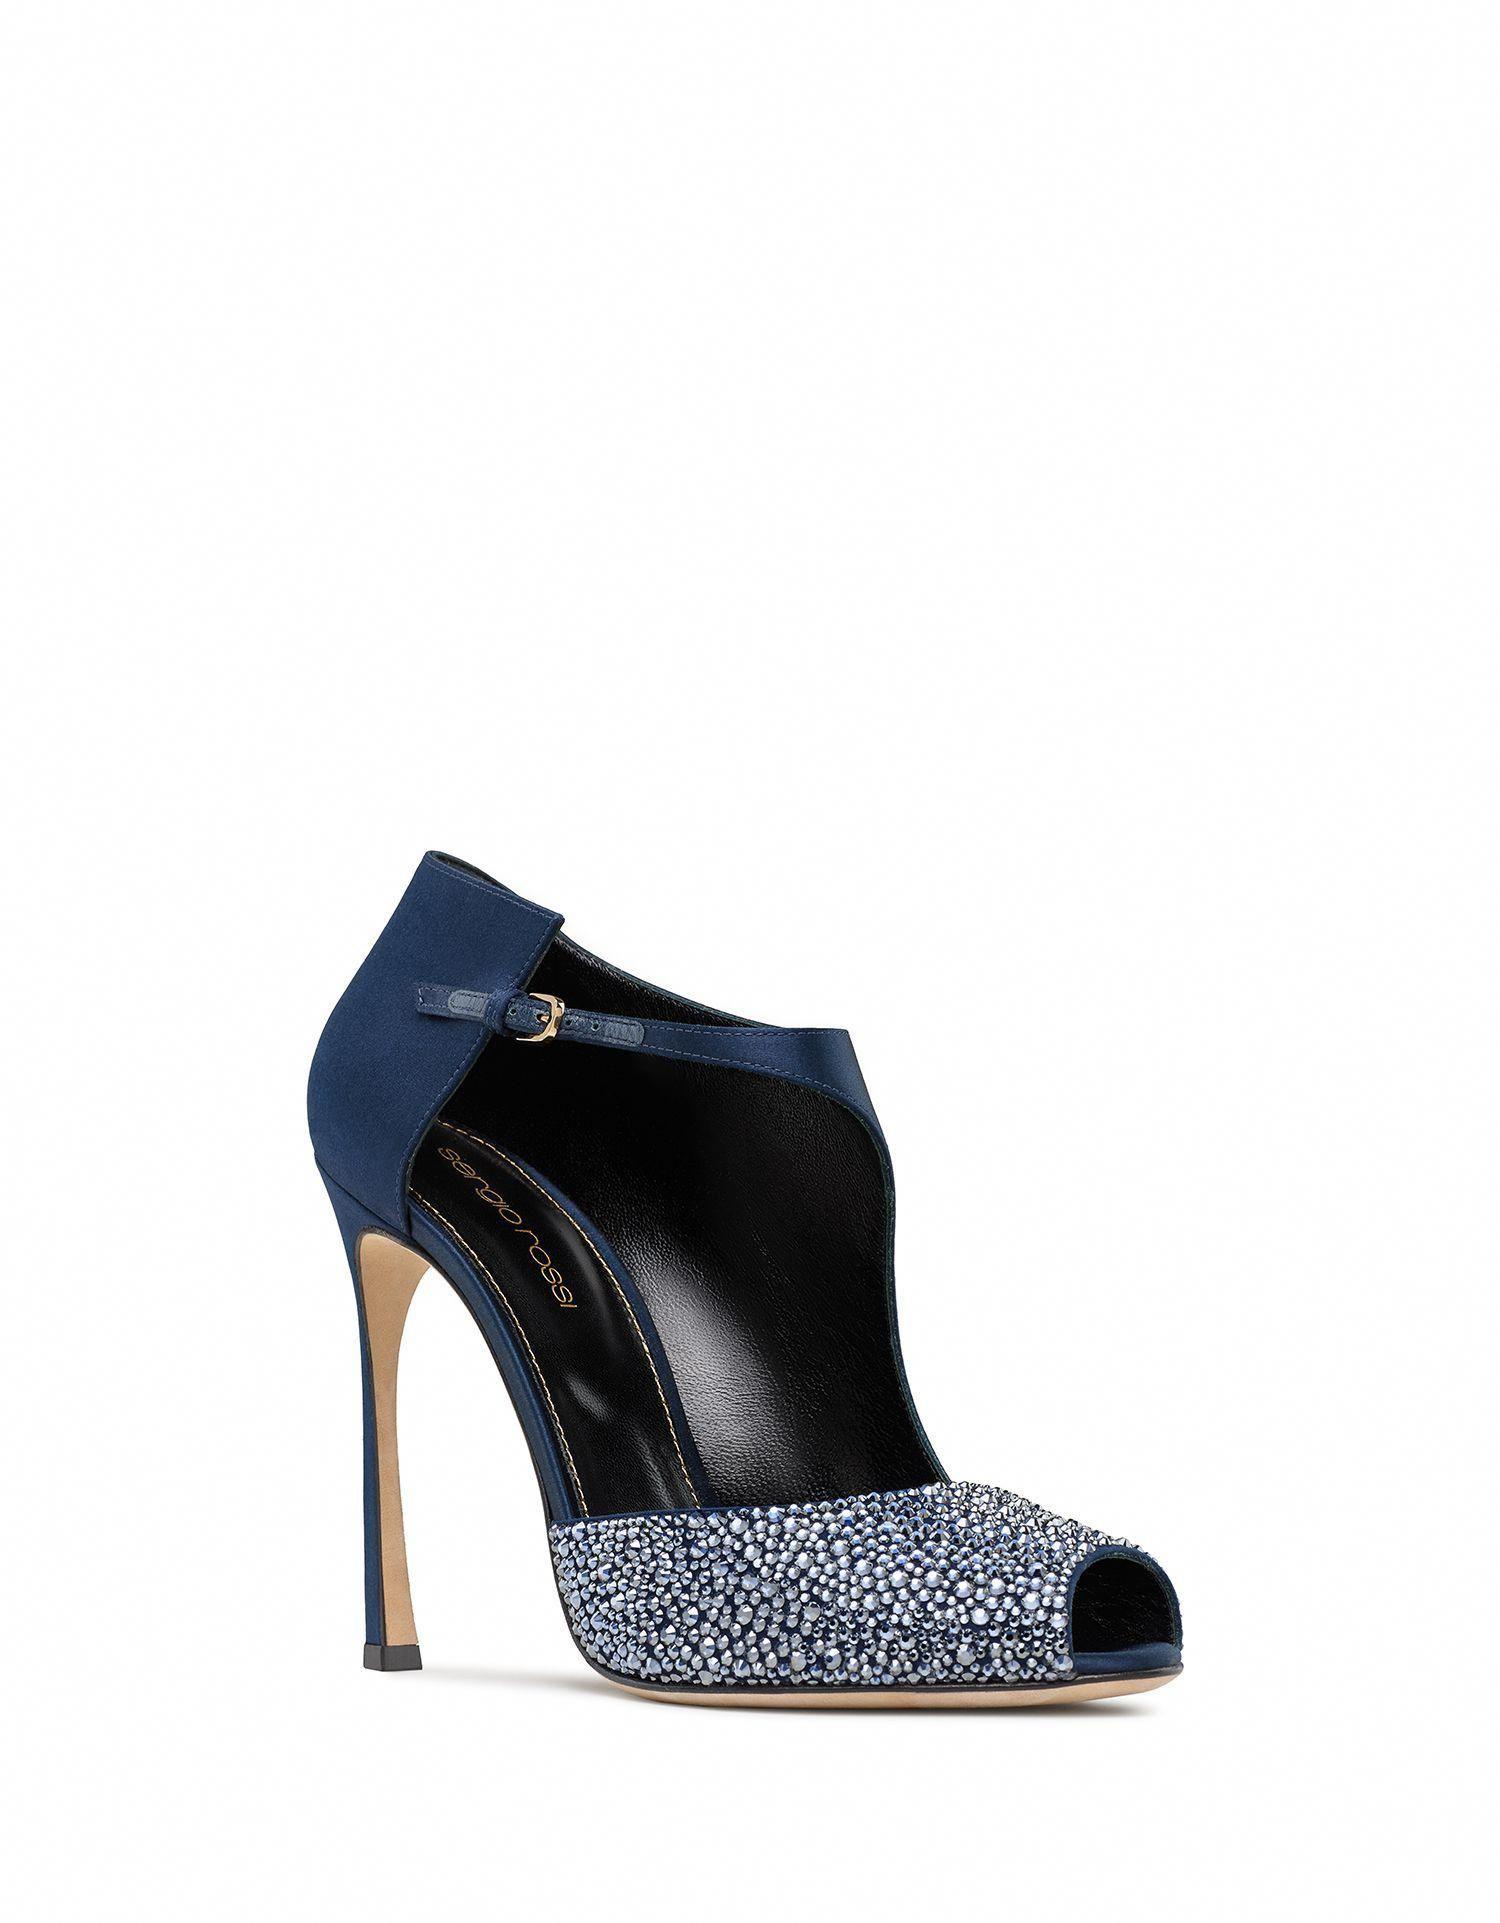 d070d3539c0e3 Sandali Donna - Calzature Donna su SERGIO ROSSI Online Store  SergioRossi